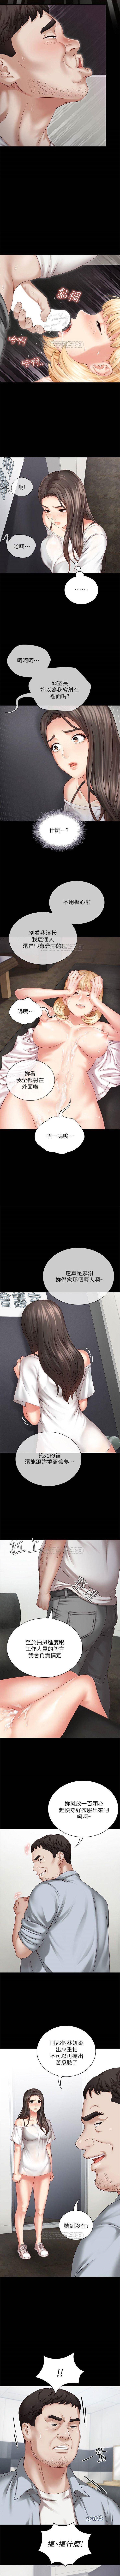 妹妹的義務 1-37 官方中文(連載中) 49